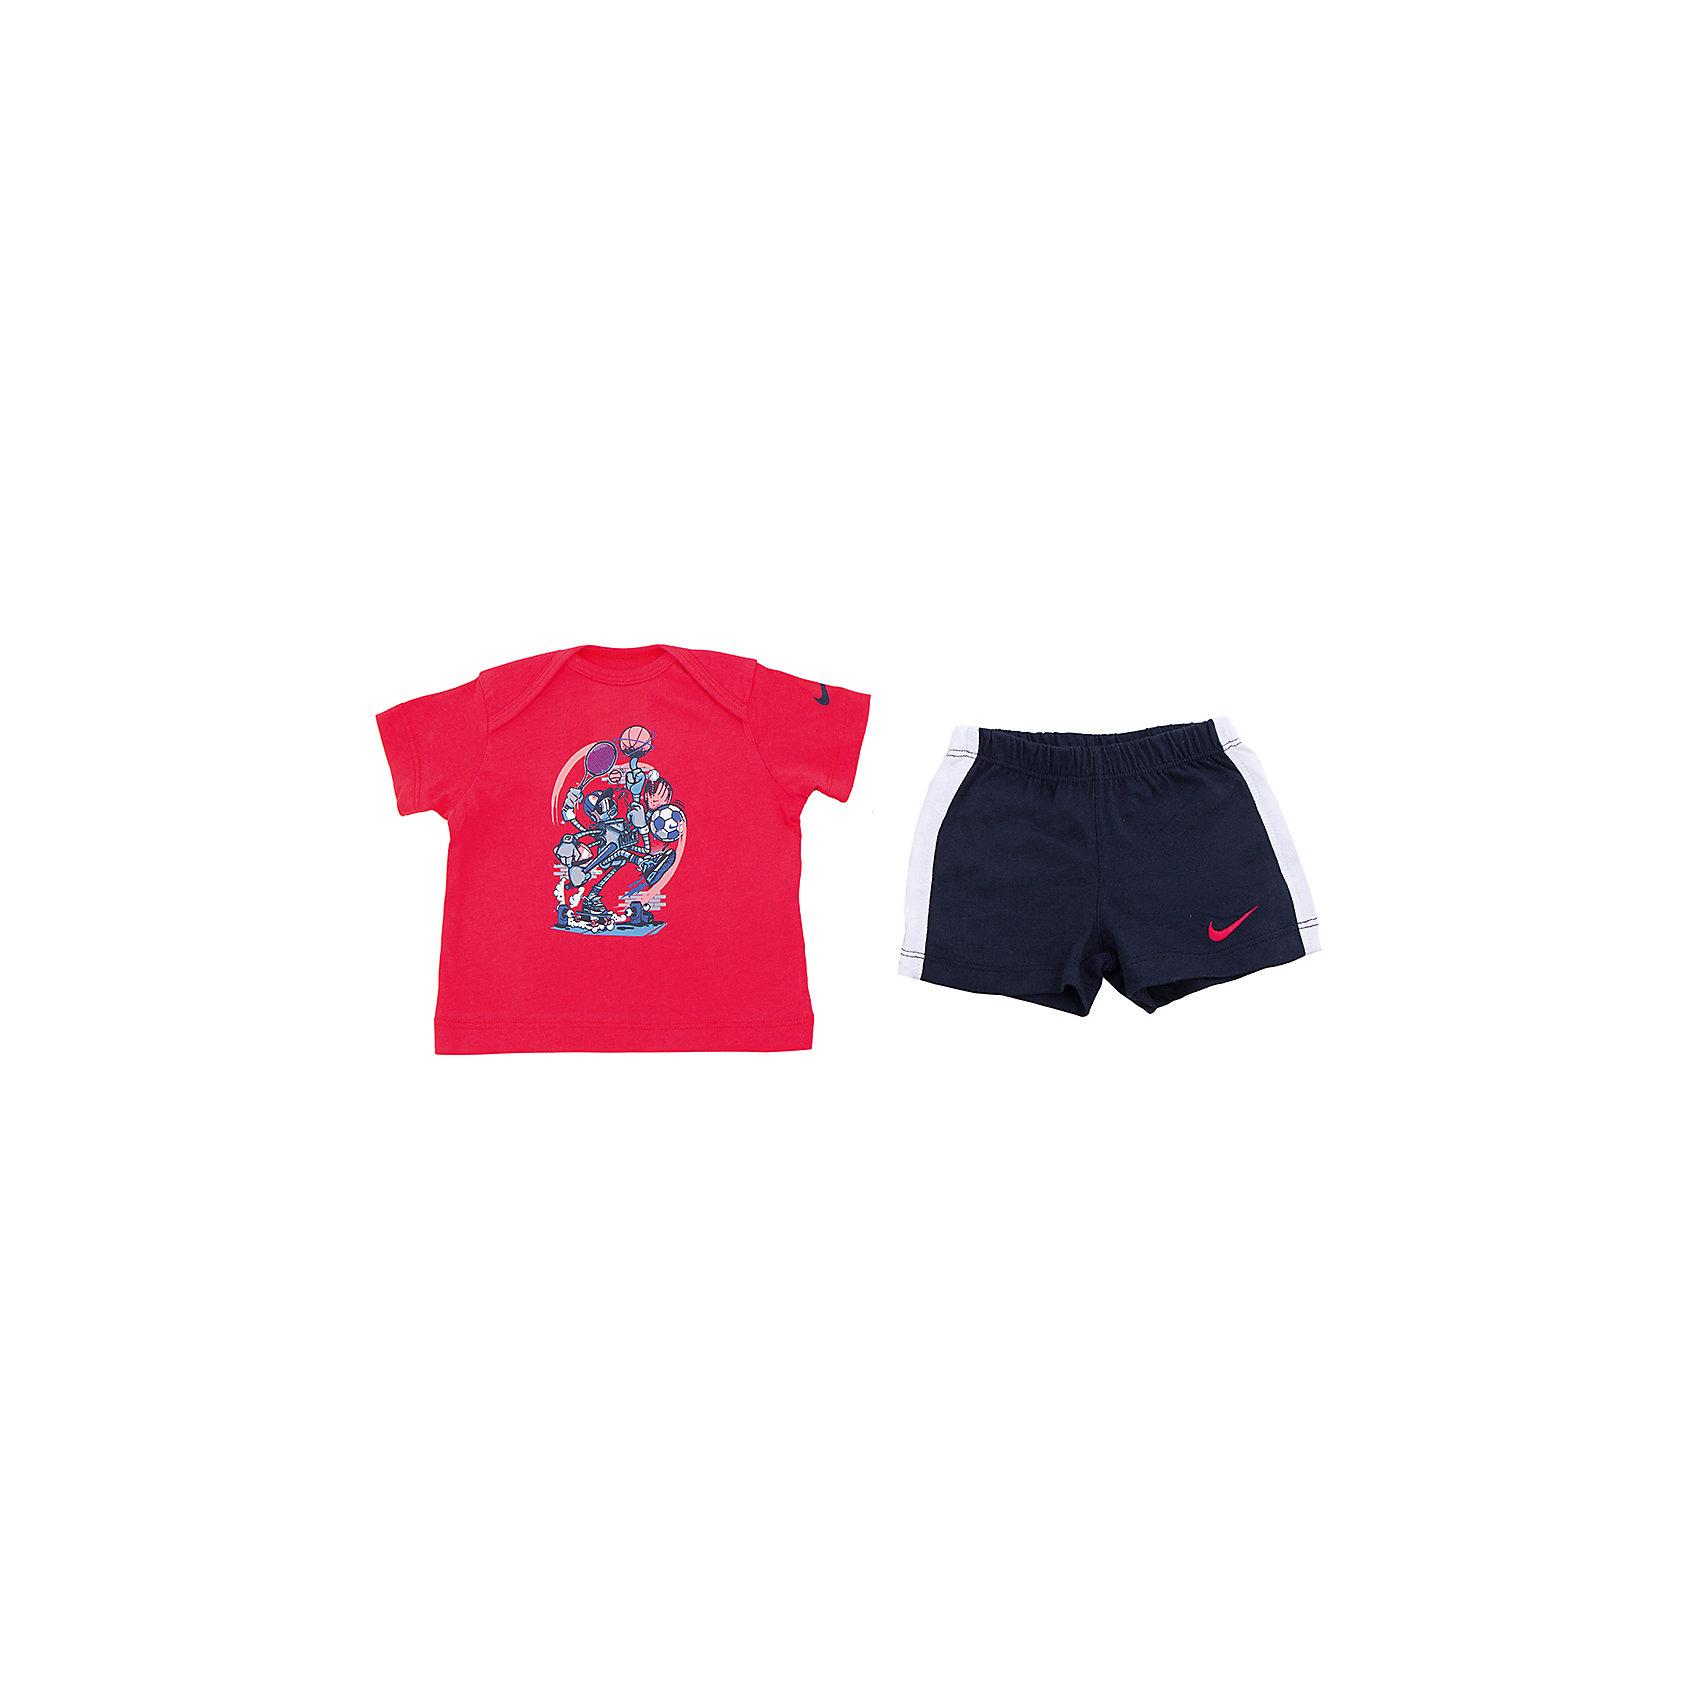 Комплект для мальчика: футболка и шорты GFX J SET (SS + SHORT) INF NIKEКомплект для мальчика: футболка и шорты GFX J SET (SS + SHORT) INF NIKE Состав: 100% хлопок<br><br>Ширина мм: 199<br>Глубина мм: 10<br>Высота мм: 161<br>Вес г: 151<br>Цвет: красный<br>Возраст от месяцев: 3<br>Возраст до месяцев: 6<br>Пол: Мужской<br>Возраст: Детский<br>Размер: 68/74,74,74/80,80/86<br>SKU: 4067369